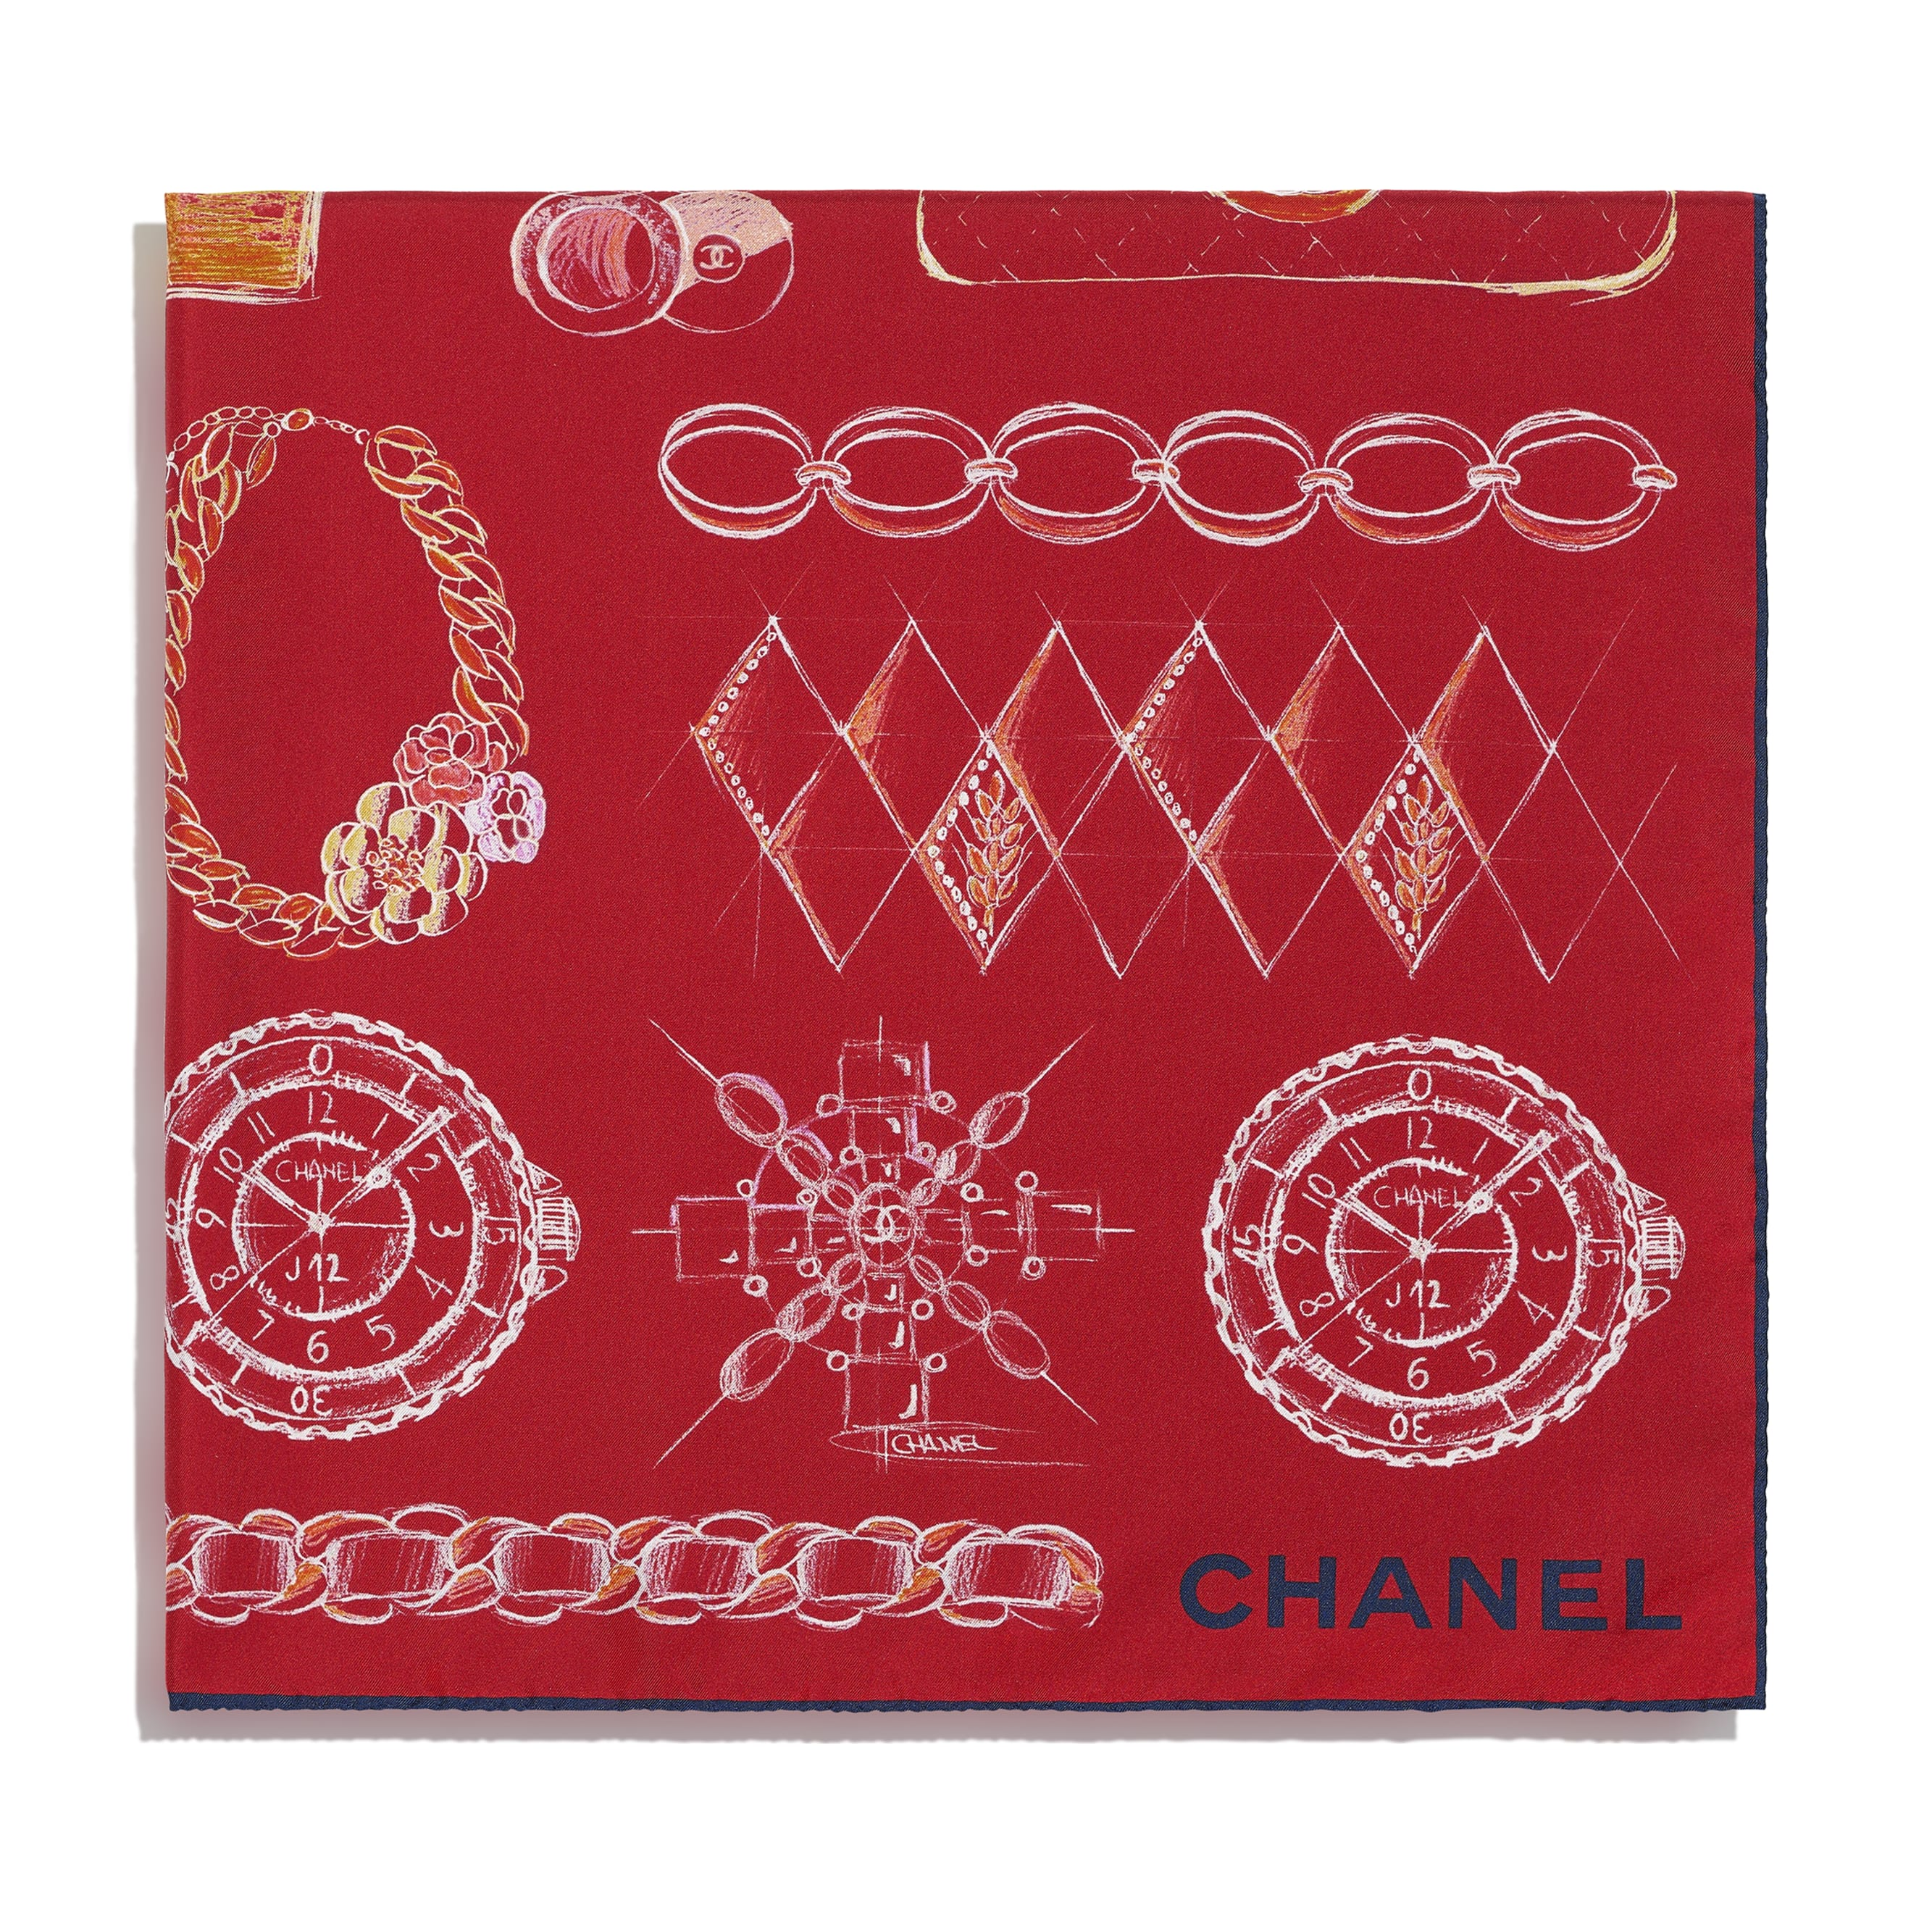 ผ้าพันคอทรงสี่เหลี่ยมจัตุรัส - สีแดงและสีฟ้า - ผ้าไหมทวิลล์ - CHANEL - มุมมองทางอื่น - ดูเวอร์ชันขนาดมาตรฐาน